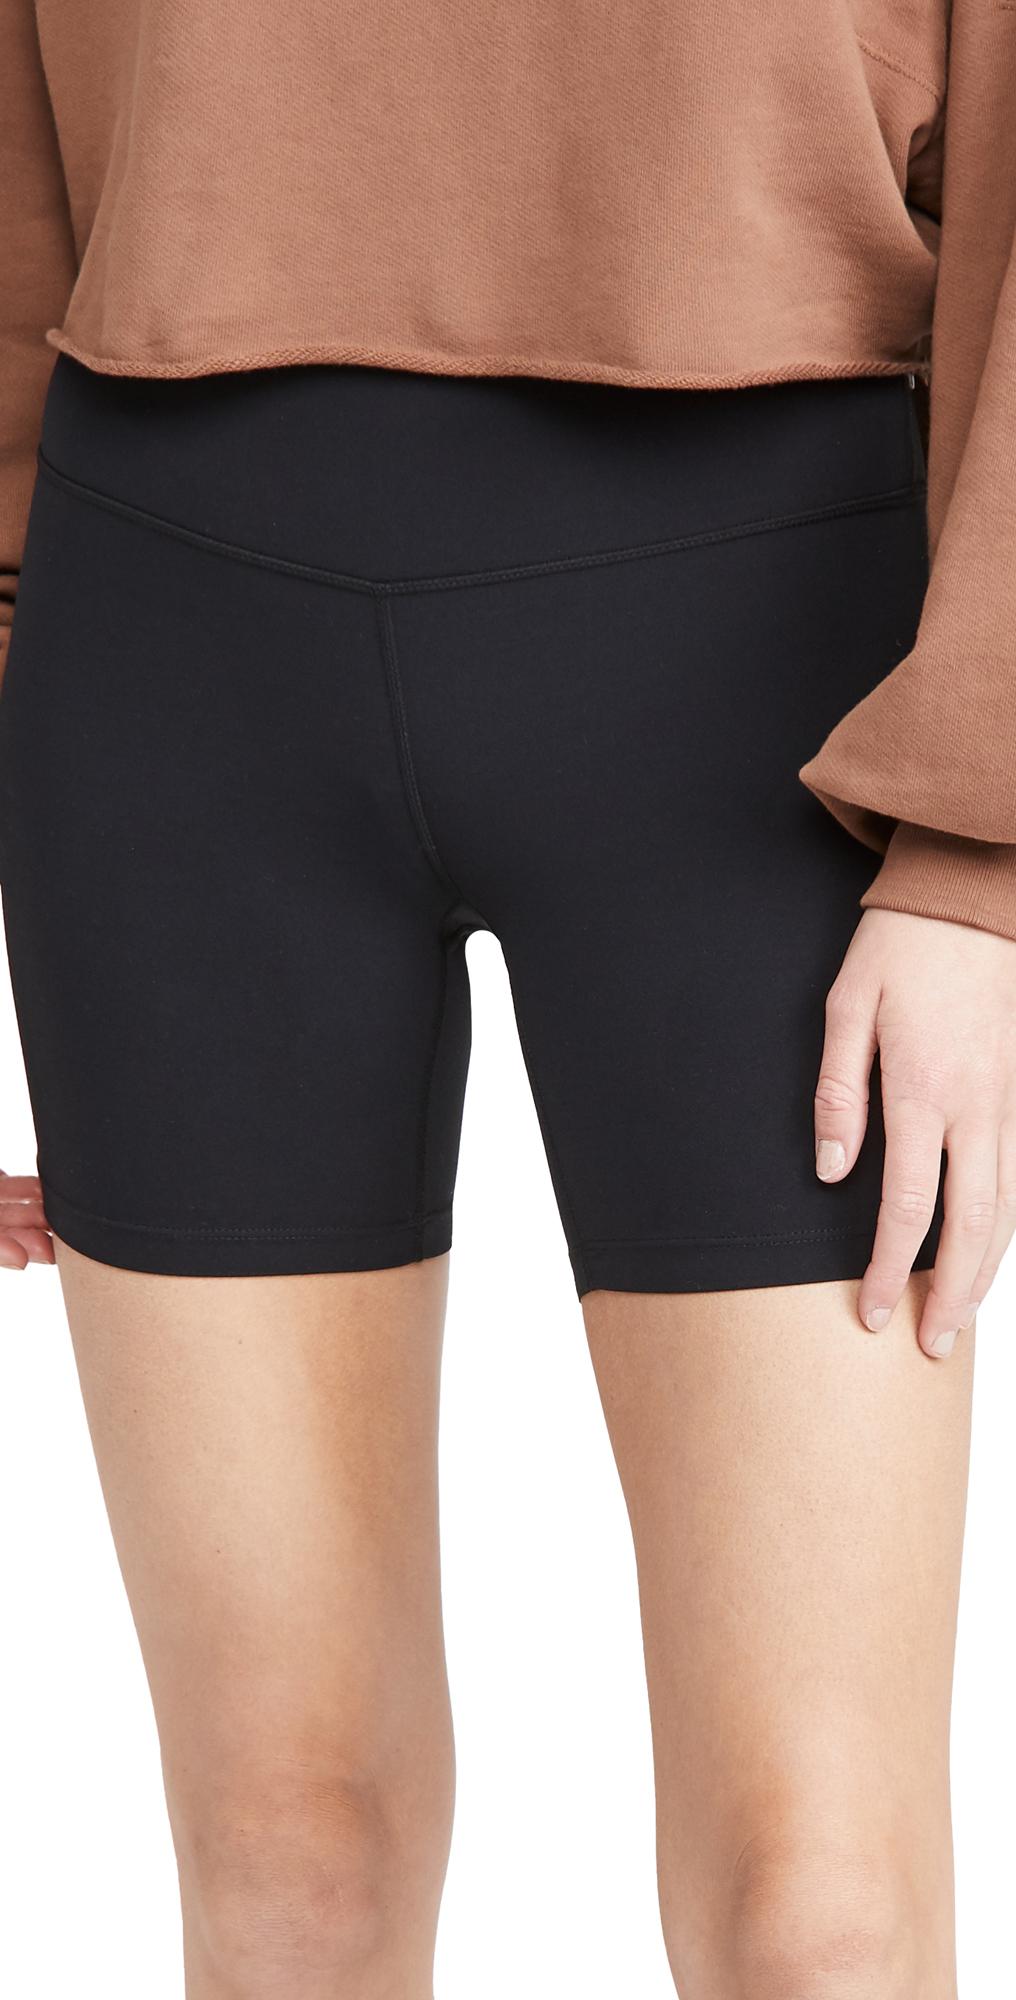 Splits59 Airweight High Waist Shorts